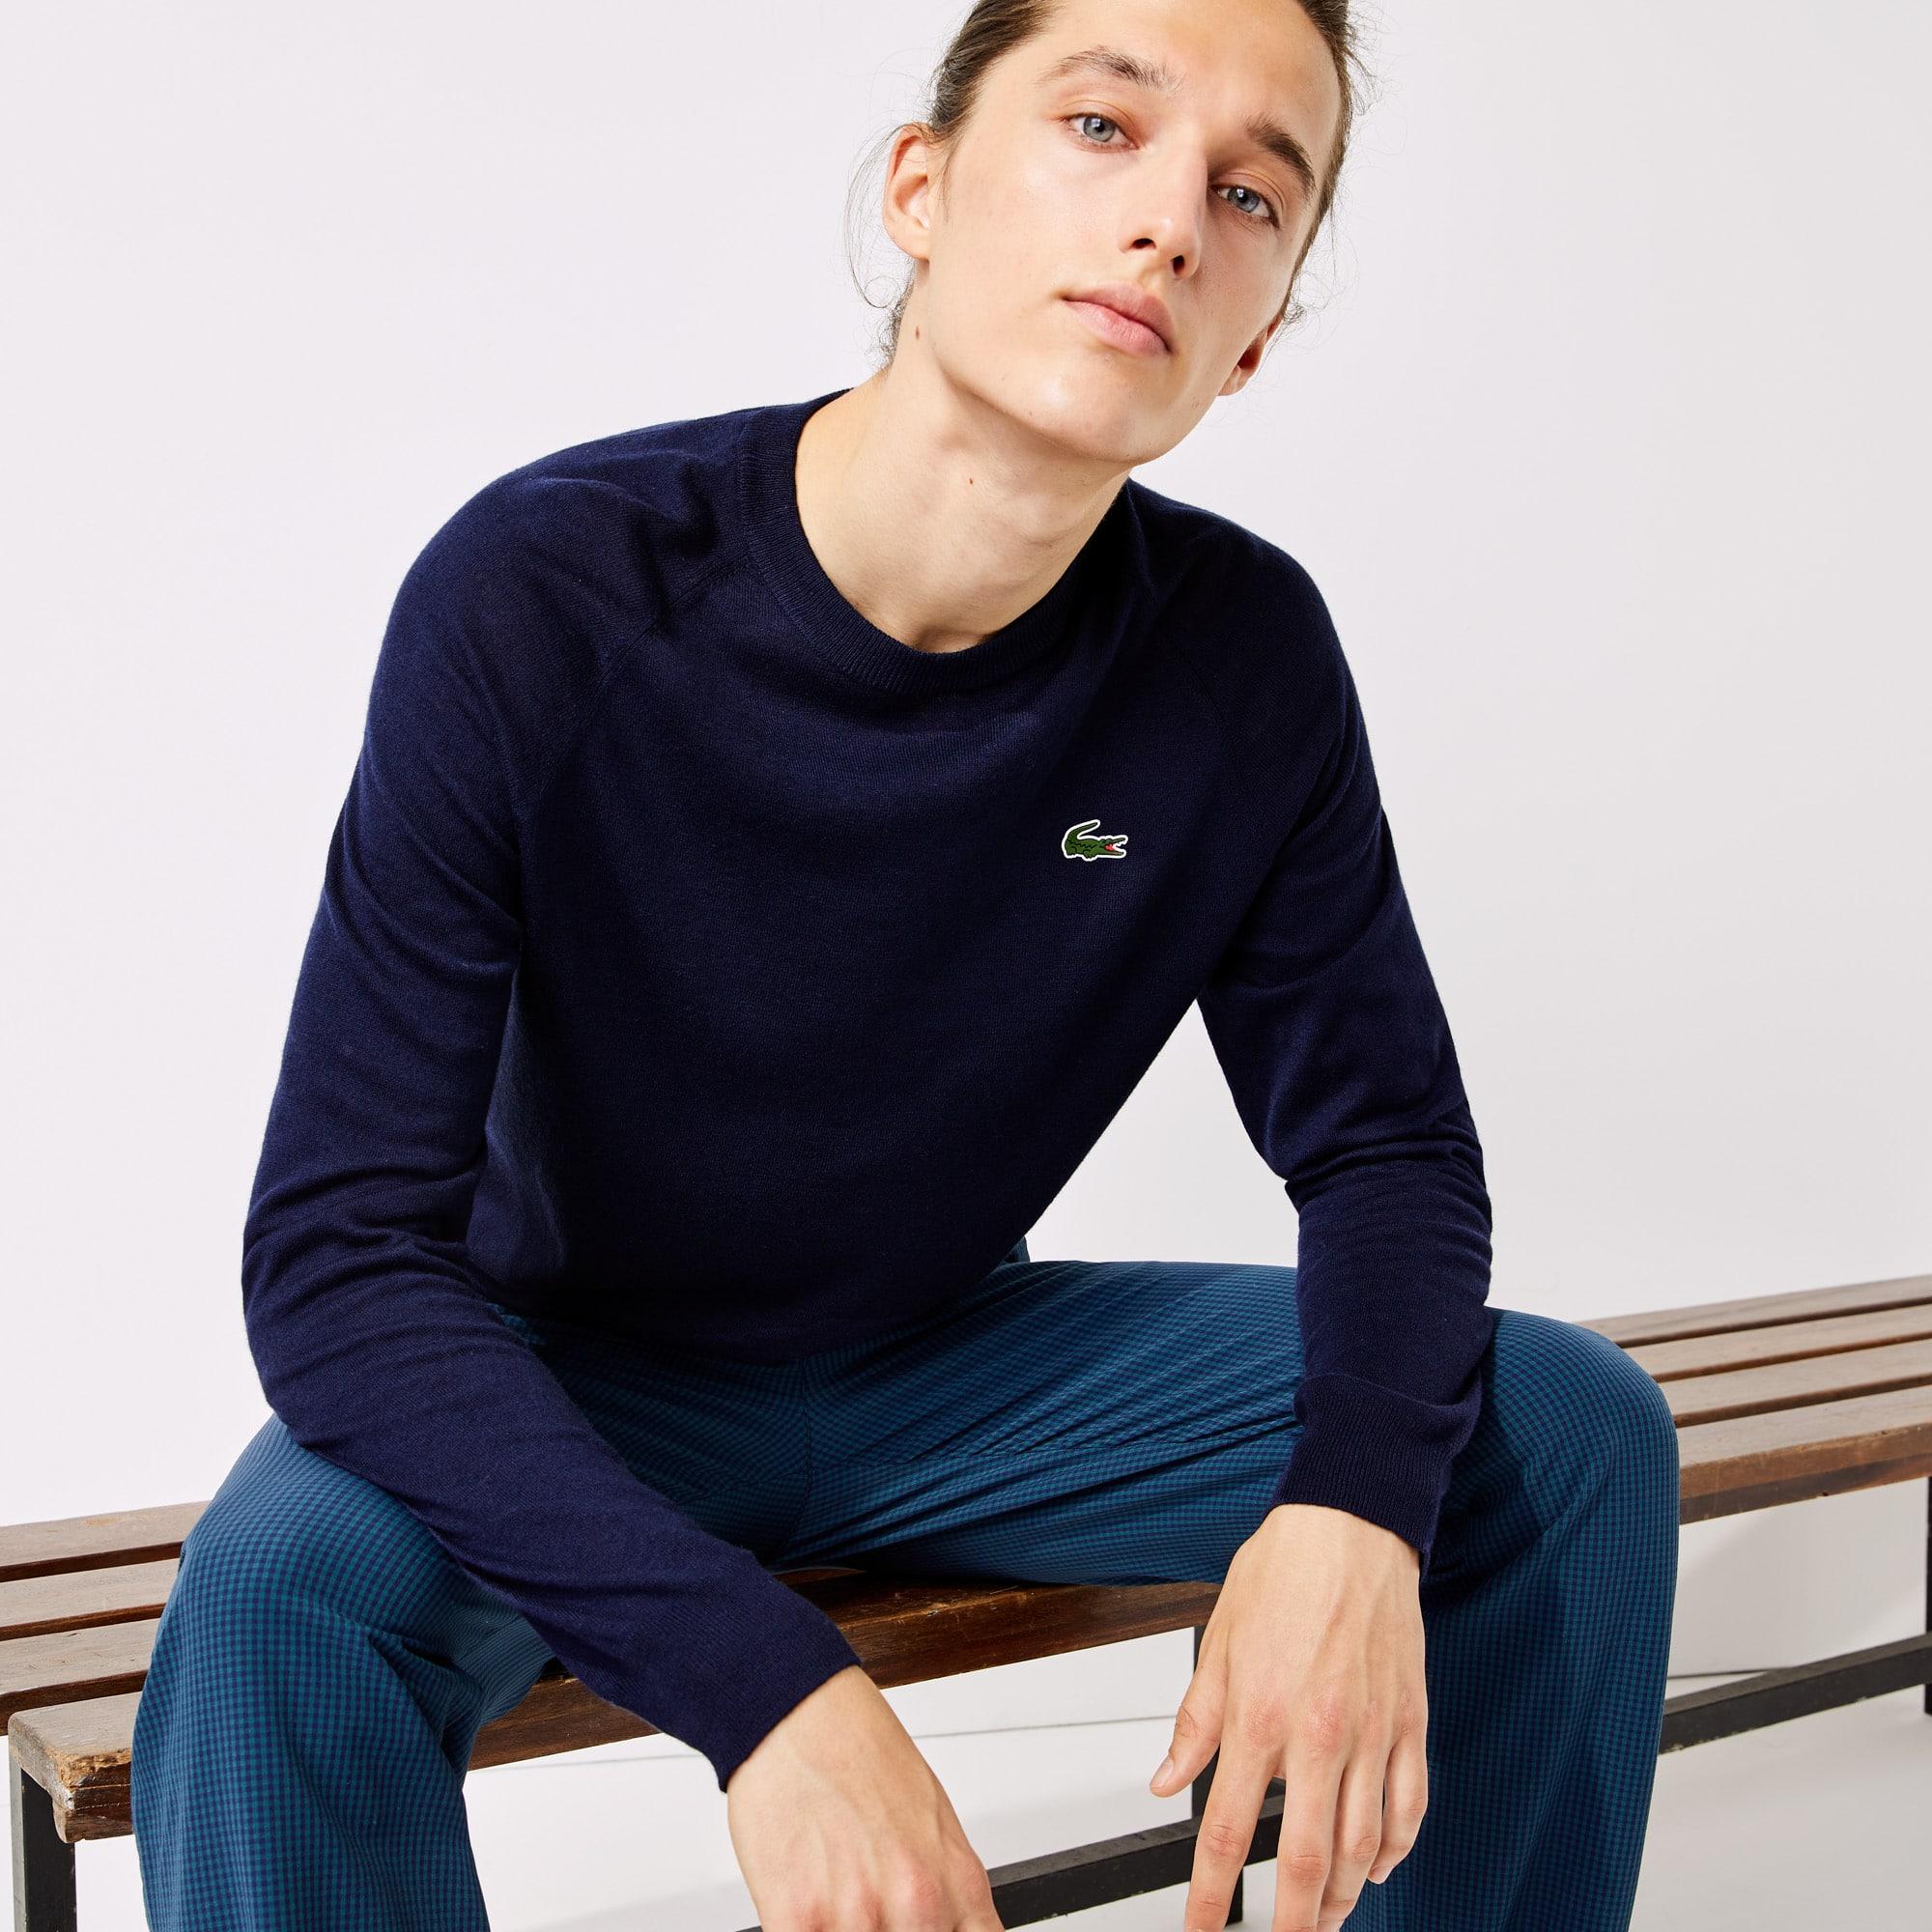 라코스테 Lacoste Mens SPORT Breathable-Knit Golf Sweater,Navy Blue - 166